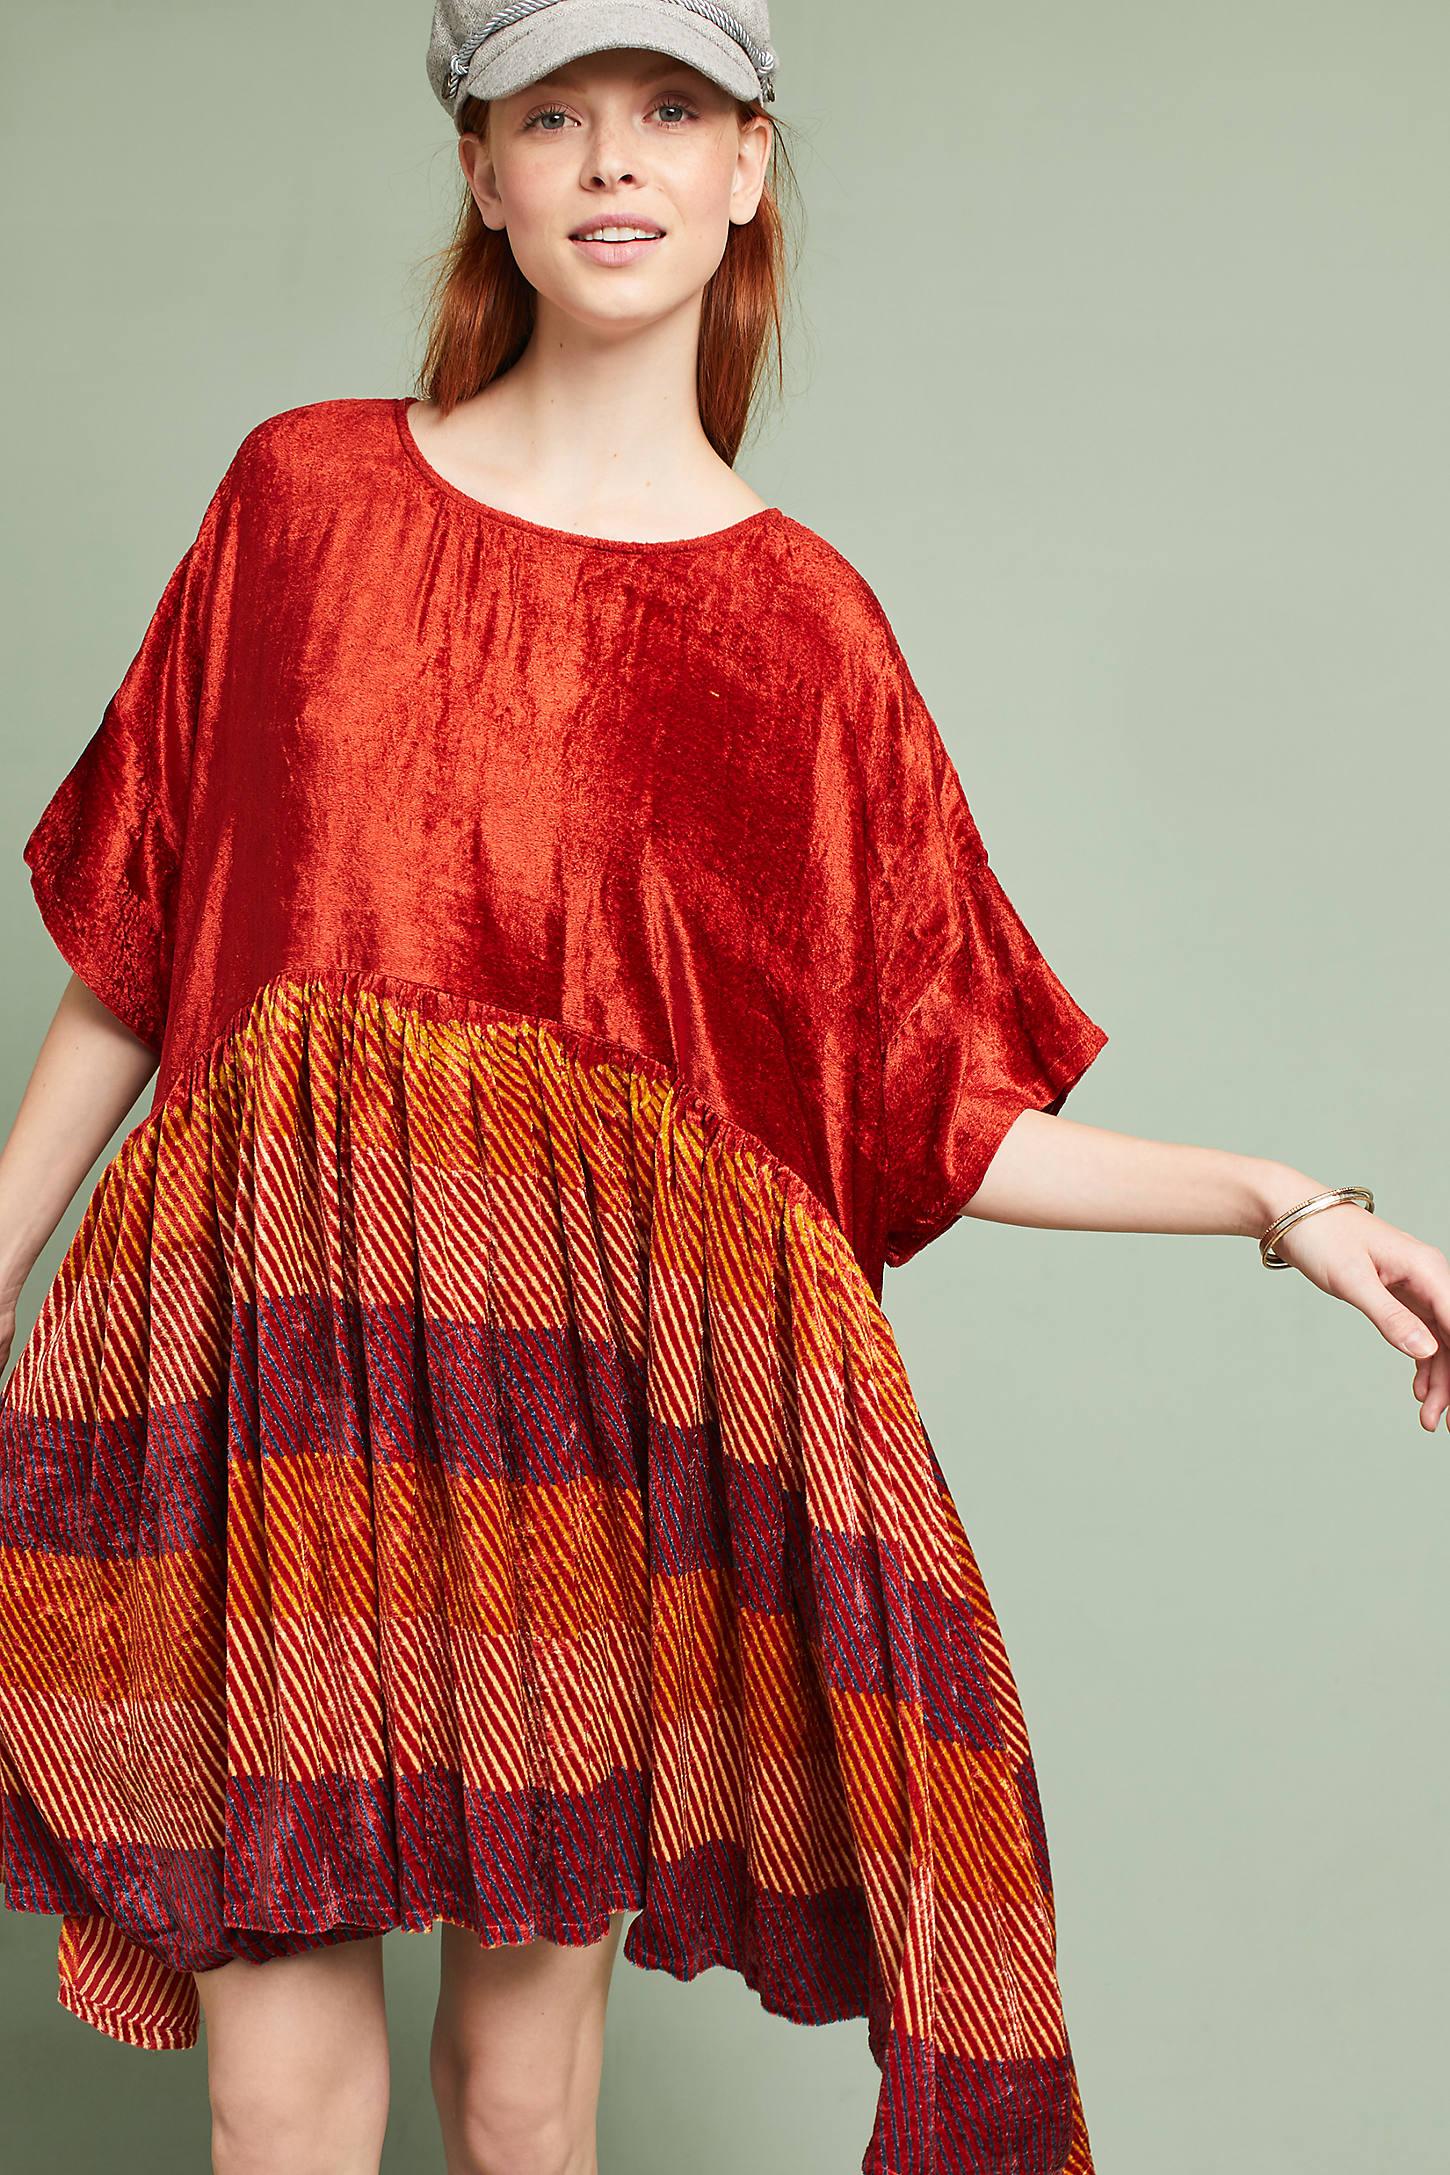 Dover Printed Velvet Swing Dress